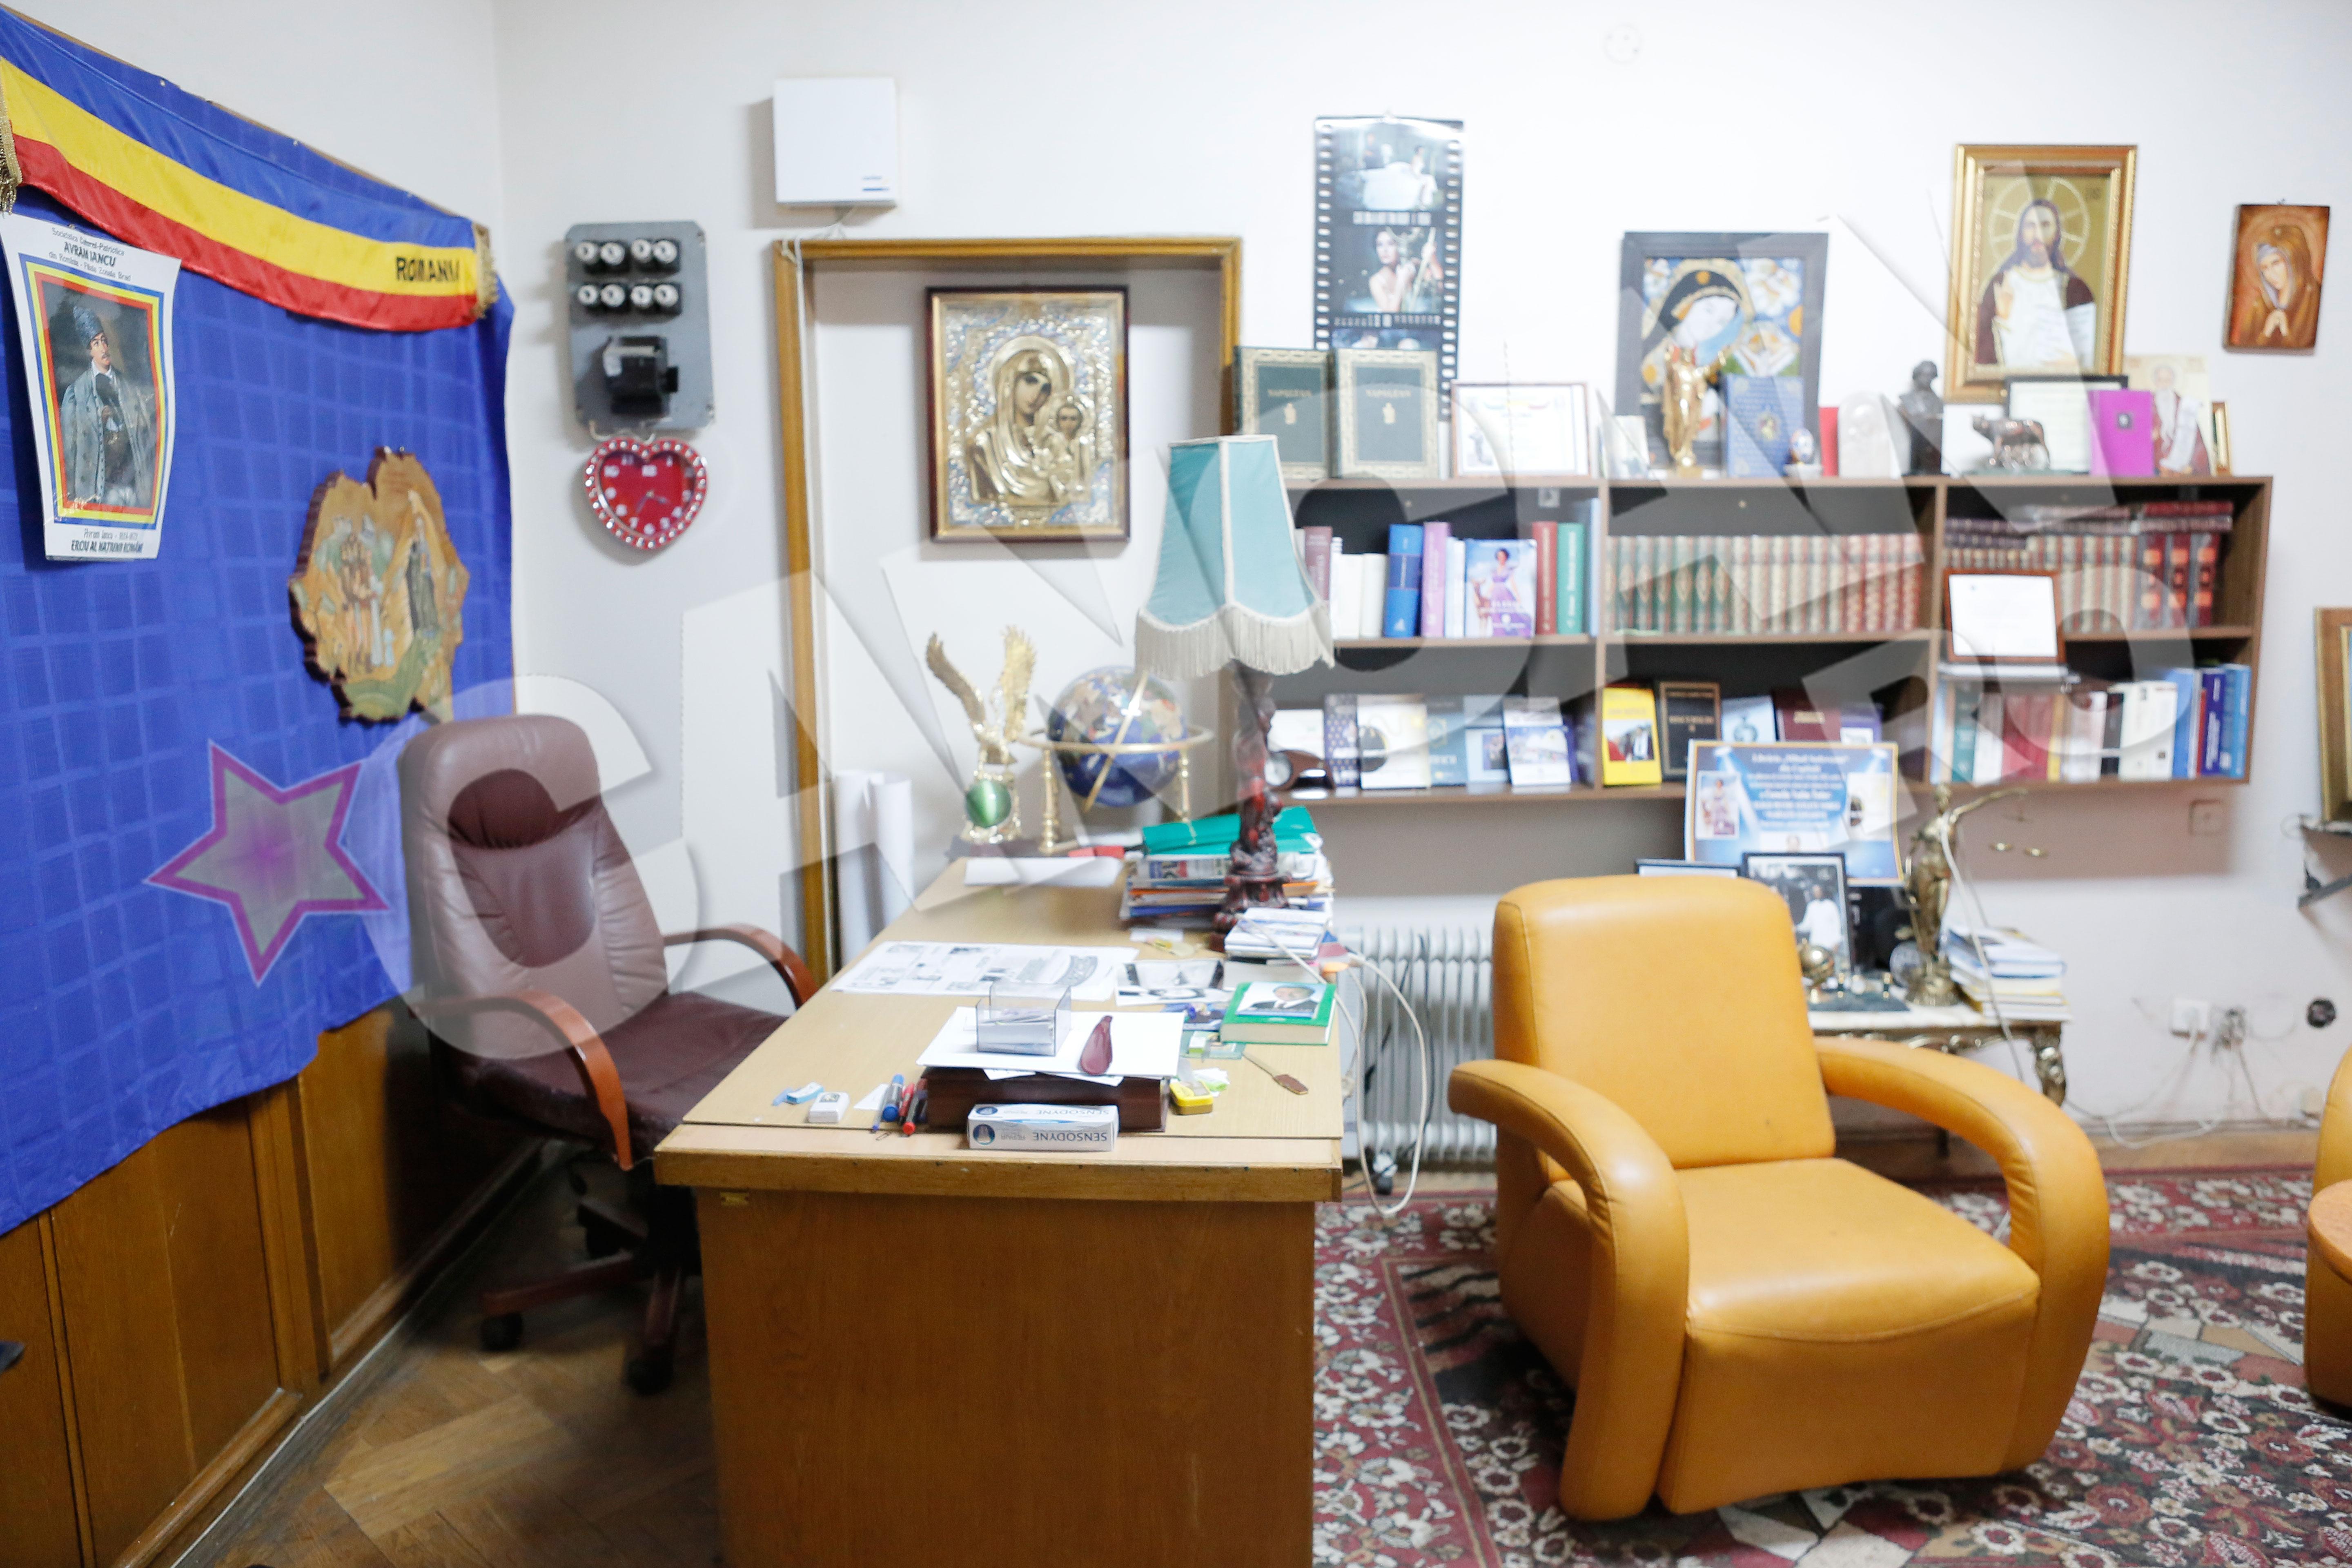 Biroul lui Vadim Tudor era incarcat cu imagini cu fel si fel de personaje